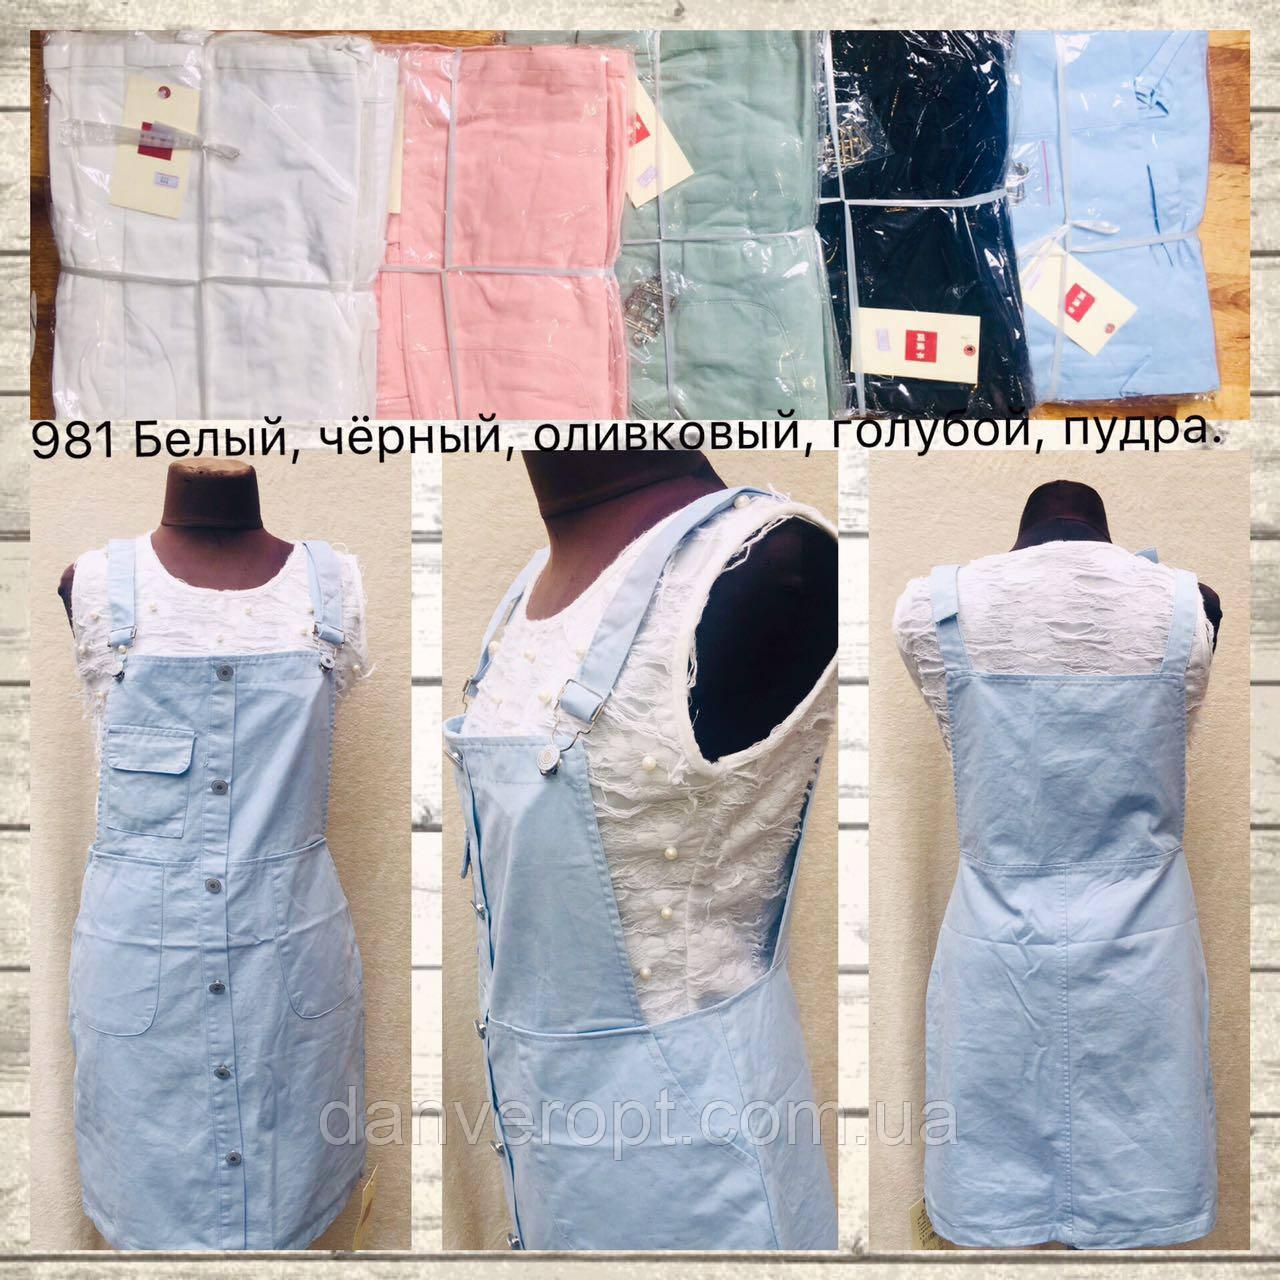 e7df1d98f0c Комбинезон-сарафан джинсовый женский стильный размер универсальный 42-46